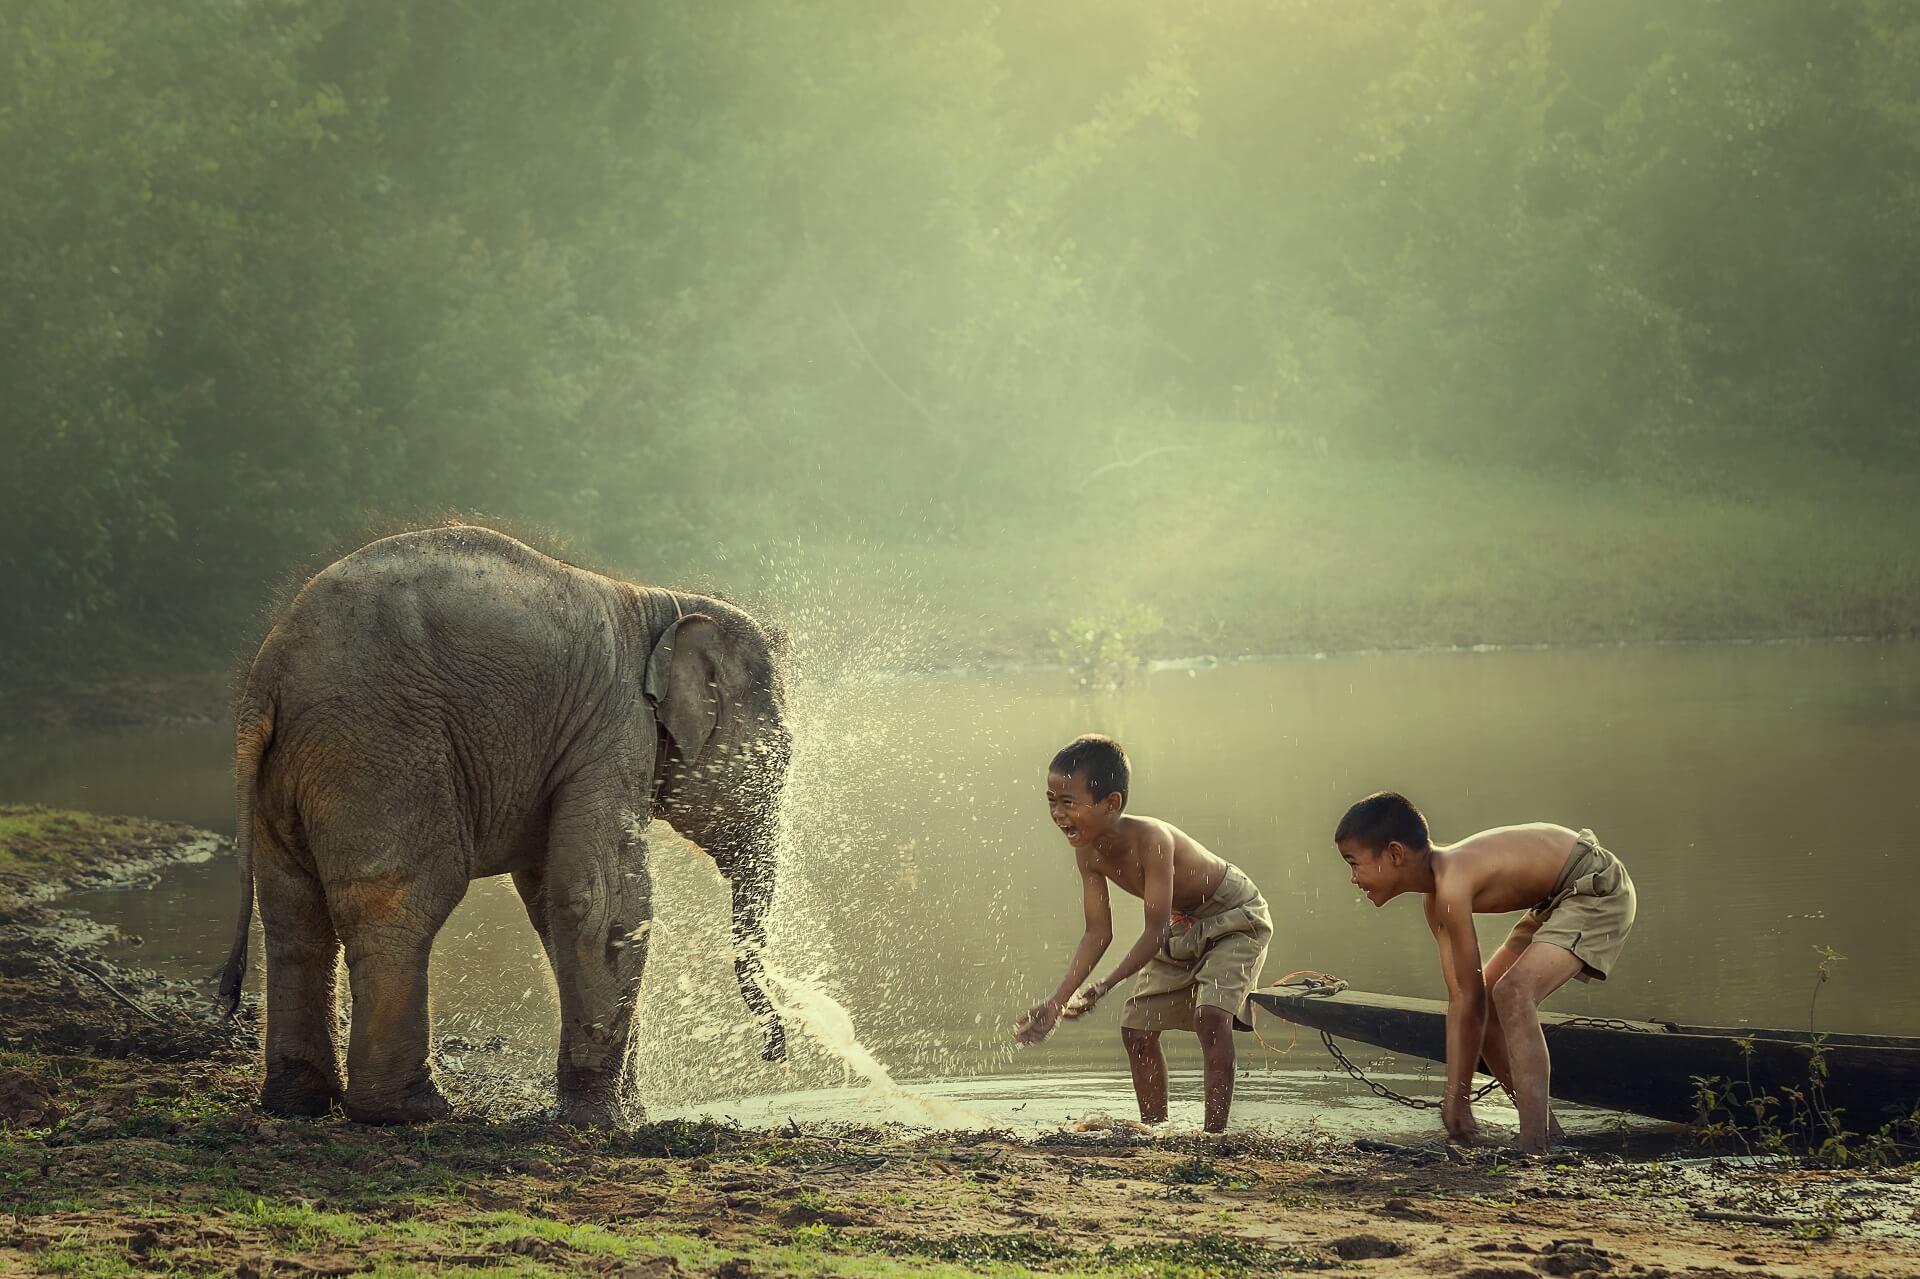 Kinder spielen mit einem kleinen Elefanten